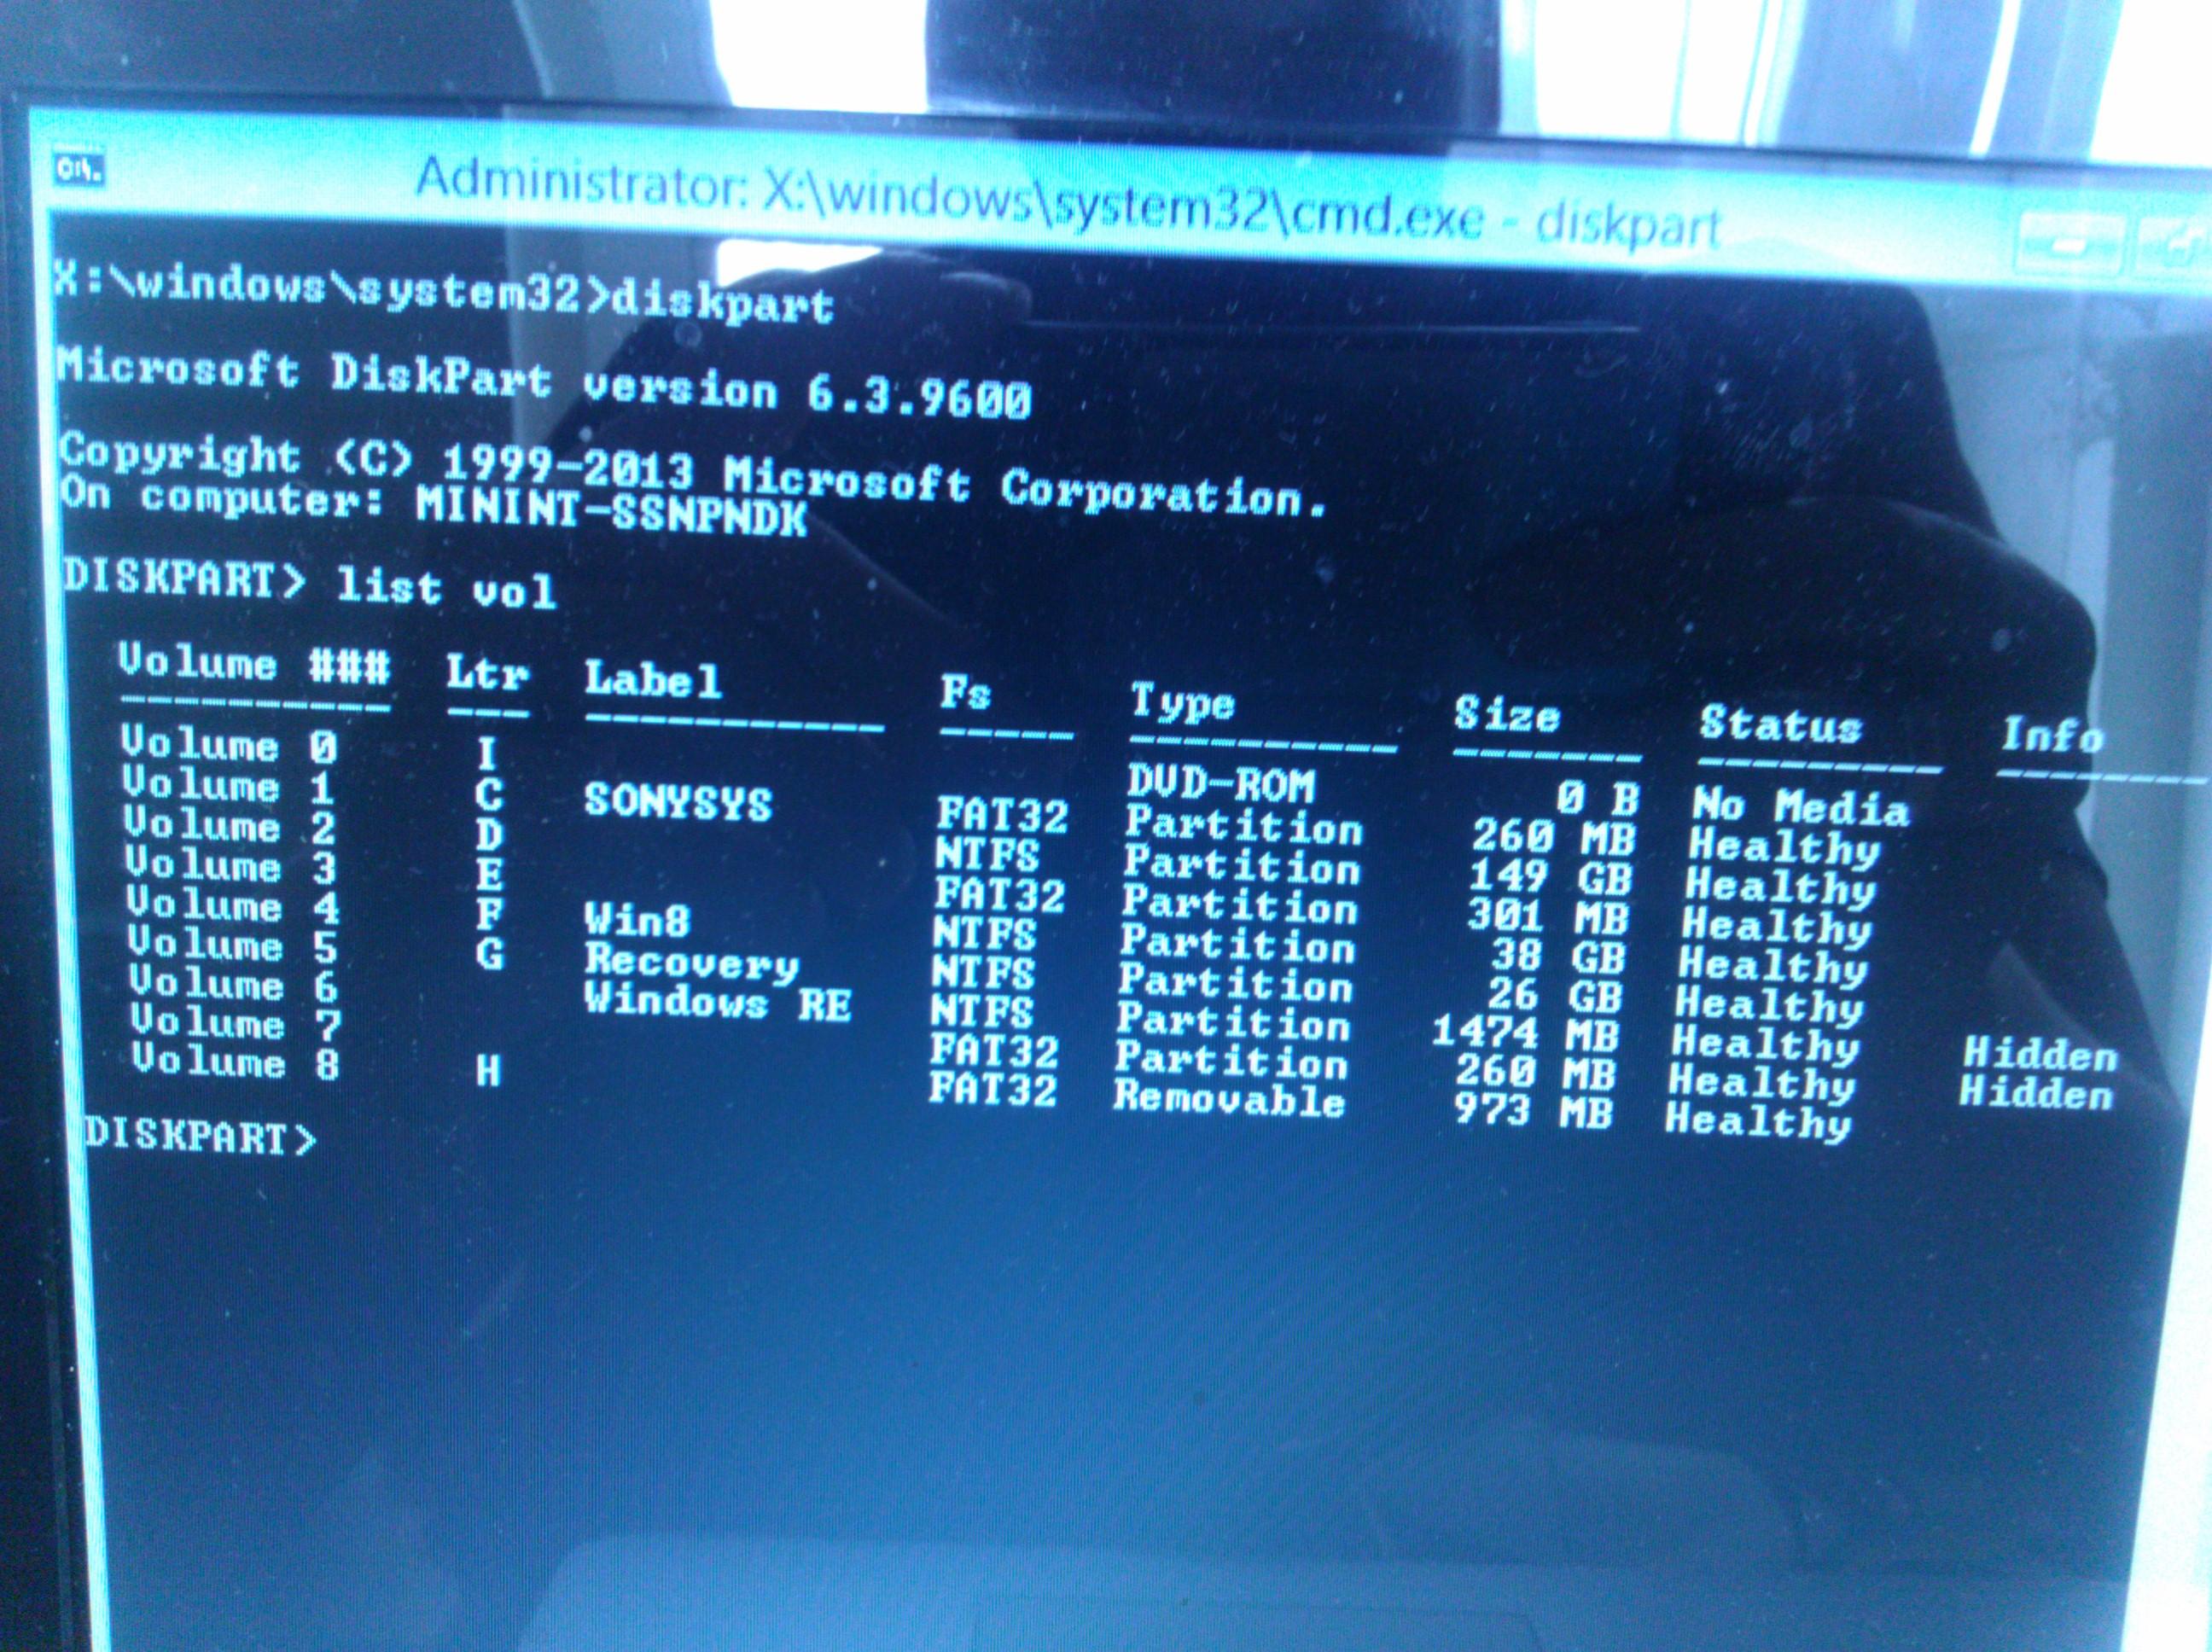 Sony SVF152A29M - Pomieszane partycje, brak bootowania recovery i systemu